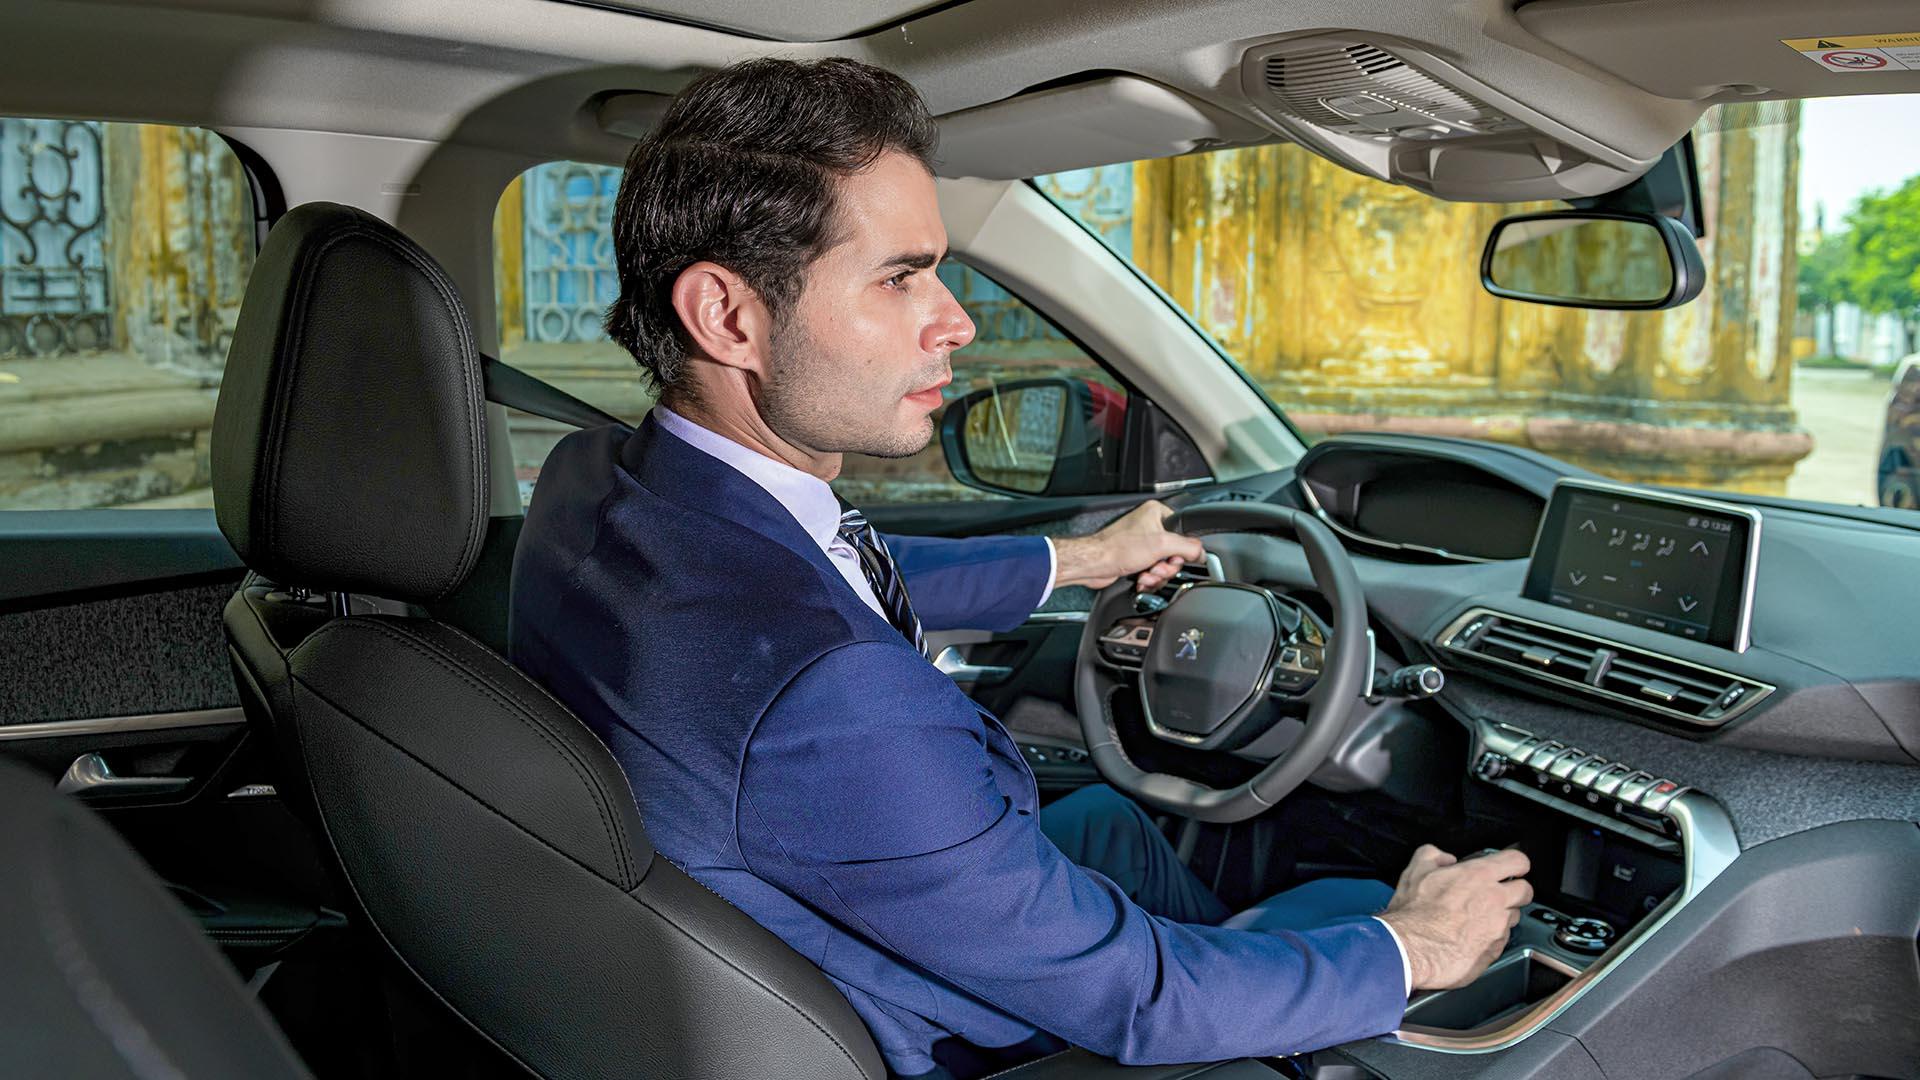 Nội thất xe Peugeot mang nhiều nét đặc trưng của ngôn ngữ thiết kế i-Cockpit